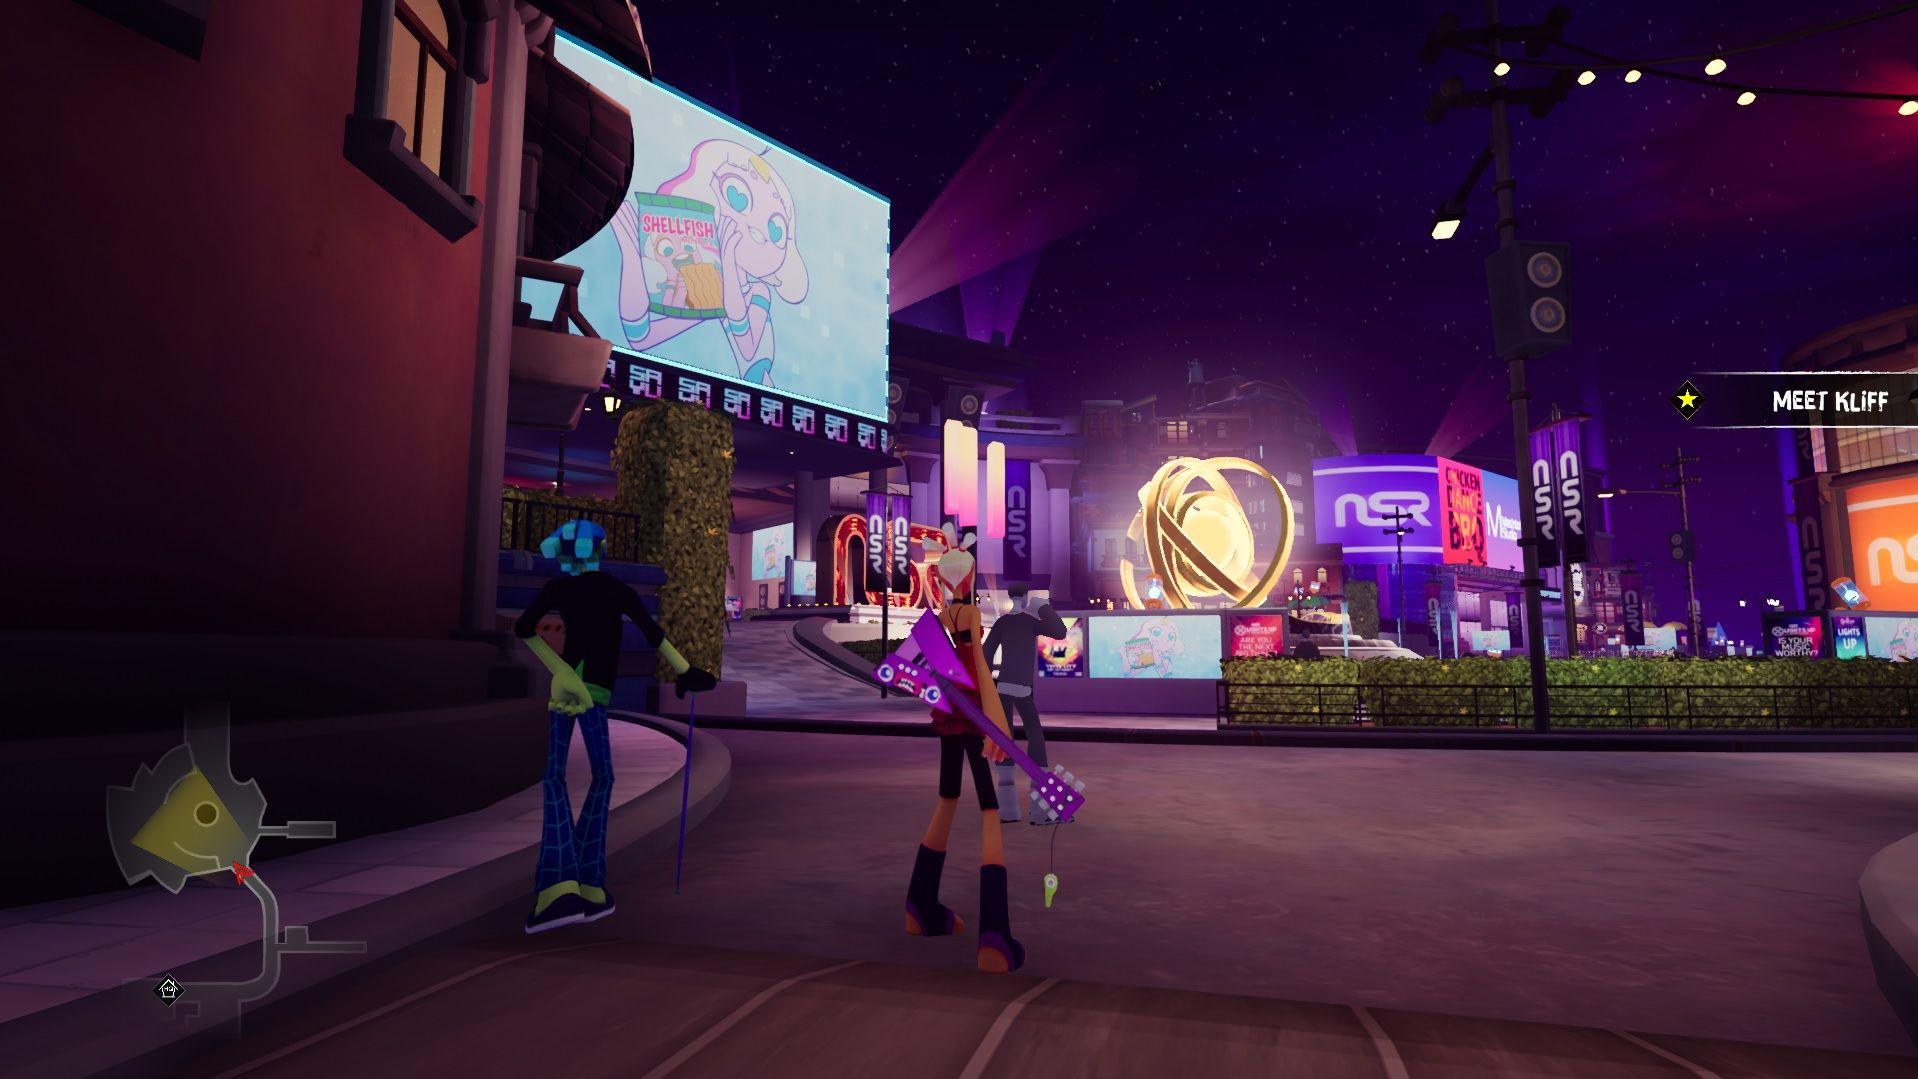 Una captura de pantalla del área central de la ciudad en No Straight Roads.  Vinyl City es futurista, con muchas pantallas adicionales.  Hay una gran escultura dorada que se parece un poco a un átomo girando en el centro de una plaza abierta.